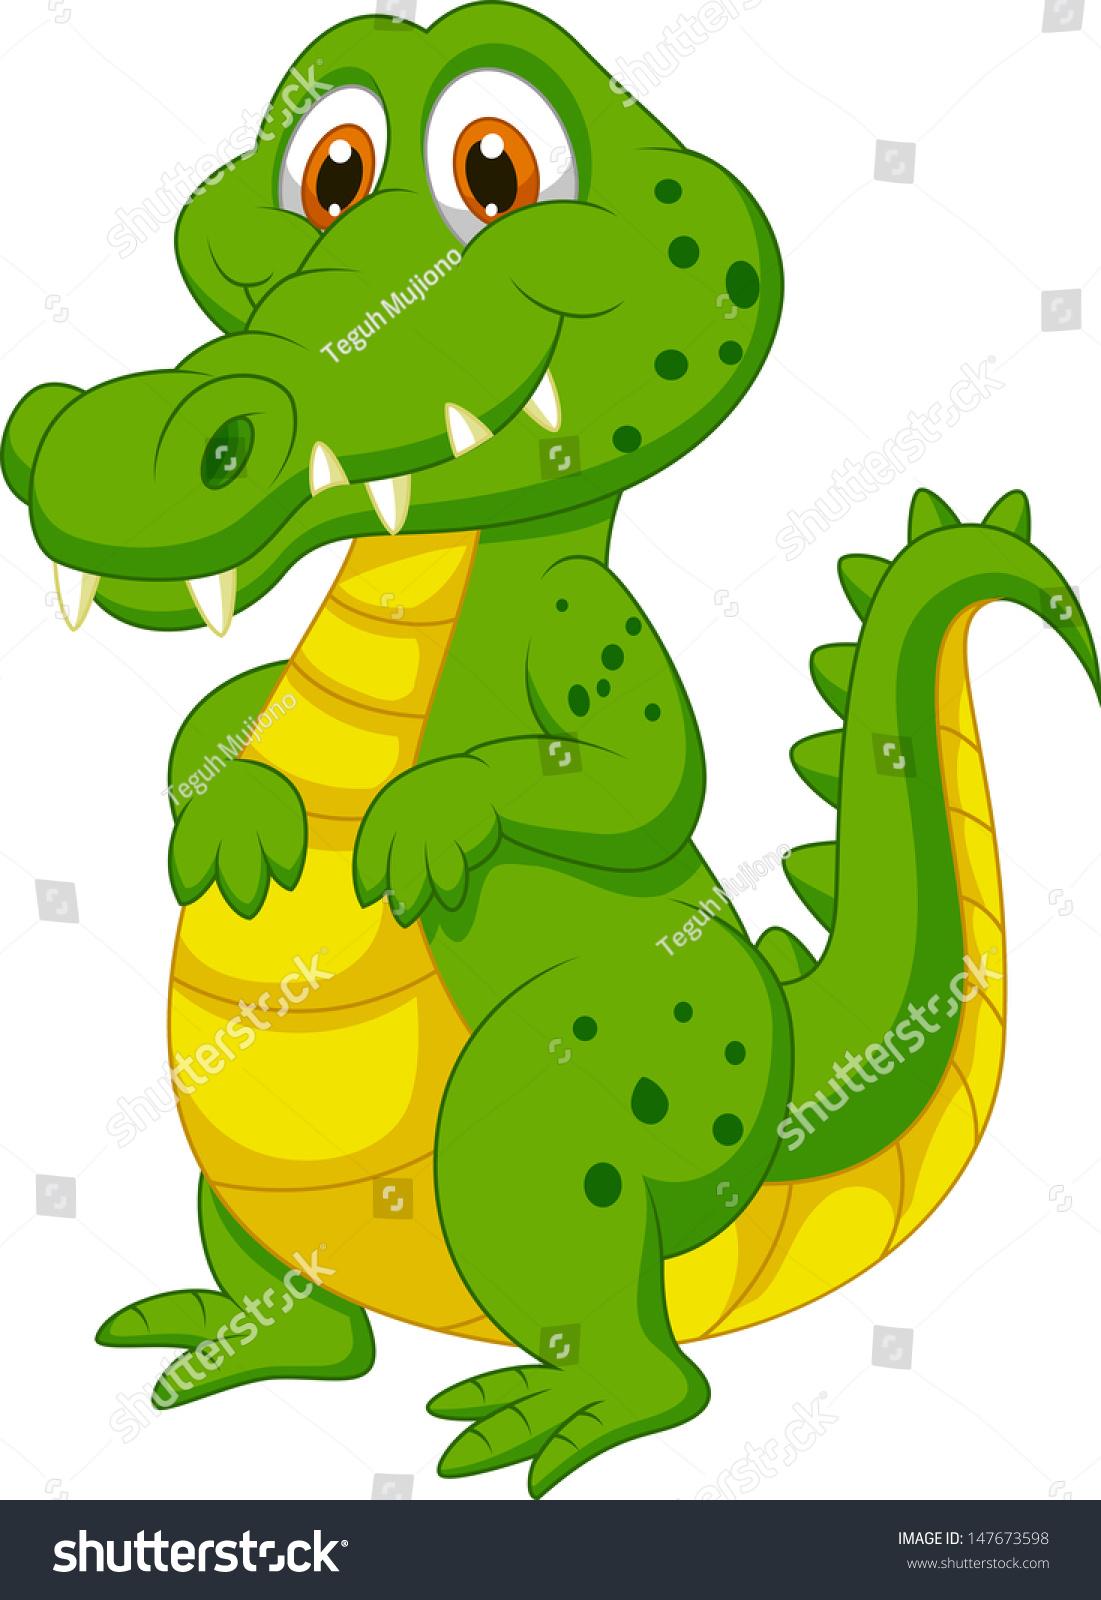 可爱的卡通鳄鱼-动物/野生生物-海洛创意(hellorf)